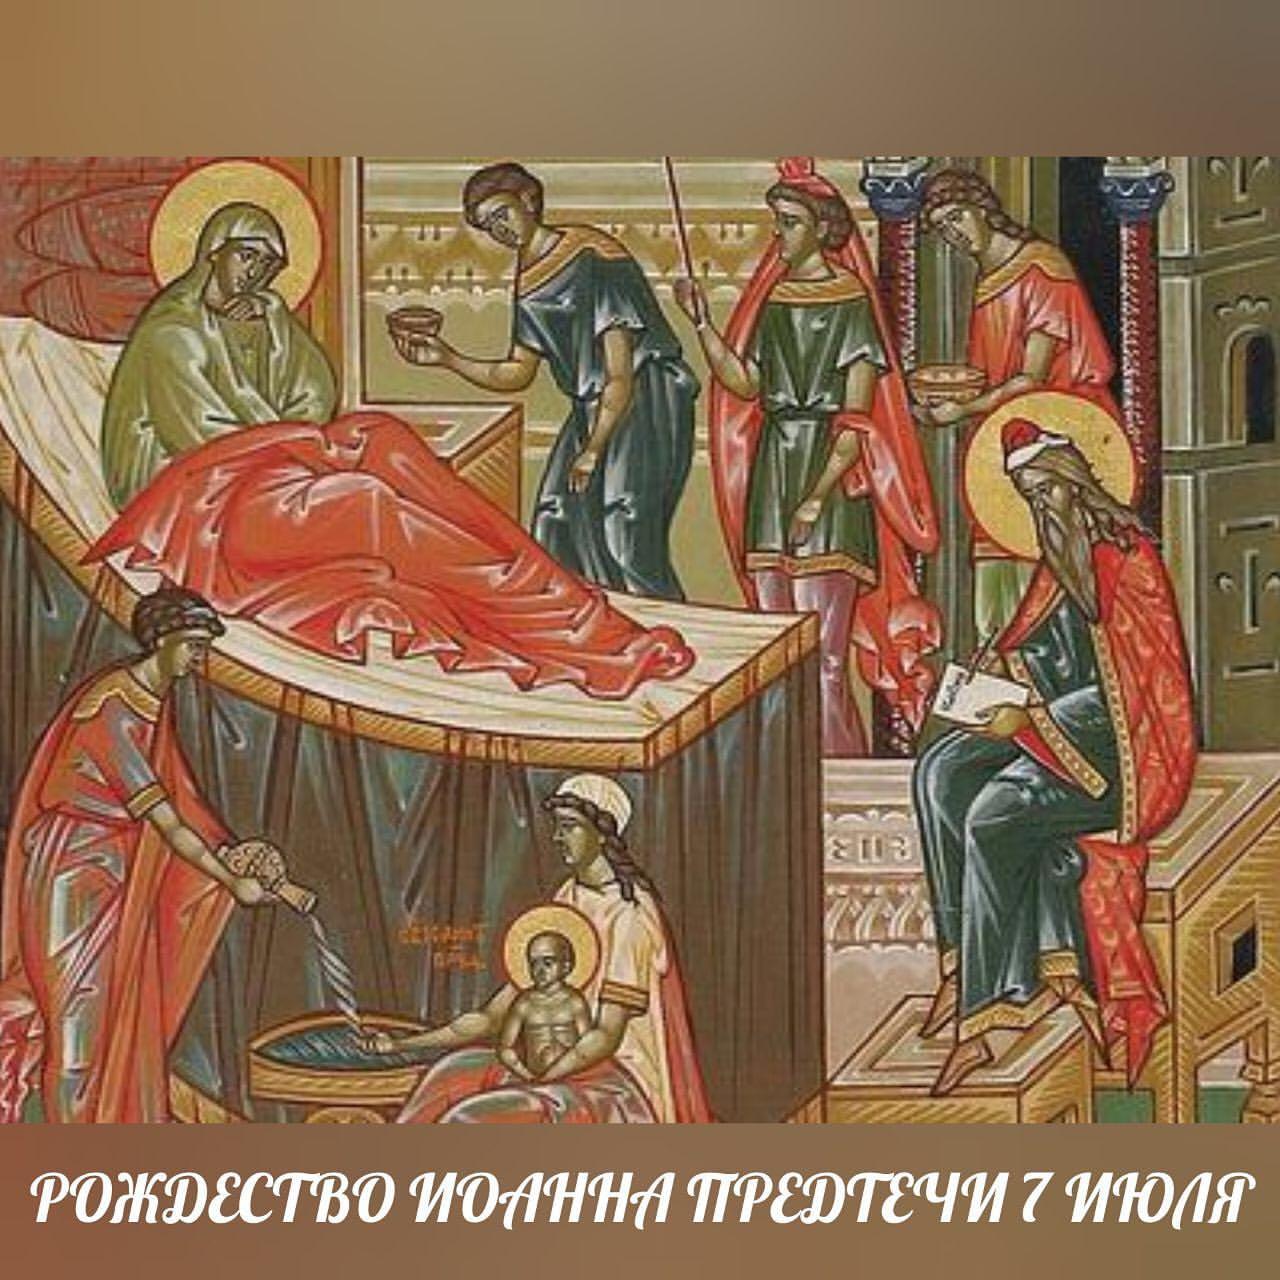 Какой праздник 7 июля в России 2020 года? Ответ на вопрос узнаете у нас на странице, а также найдете много картинок к празднику.